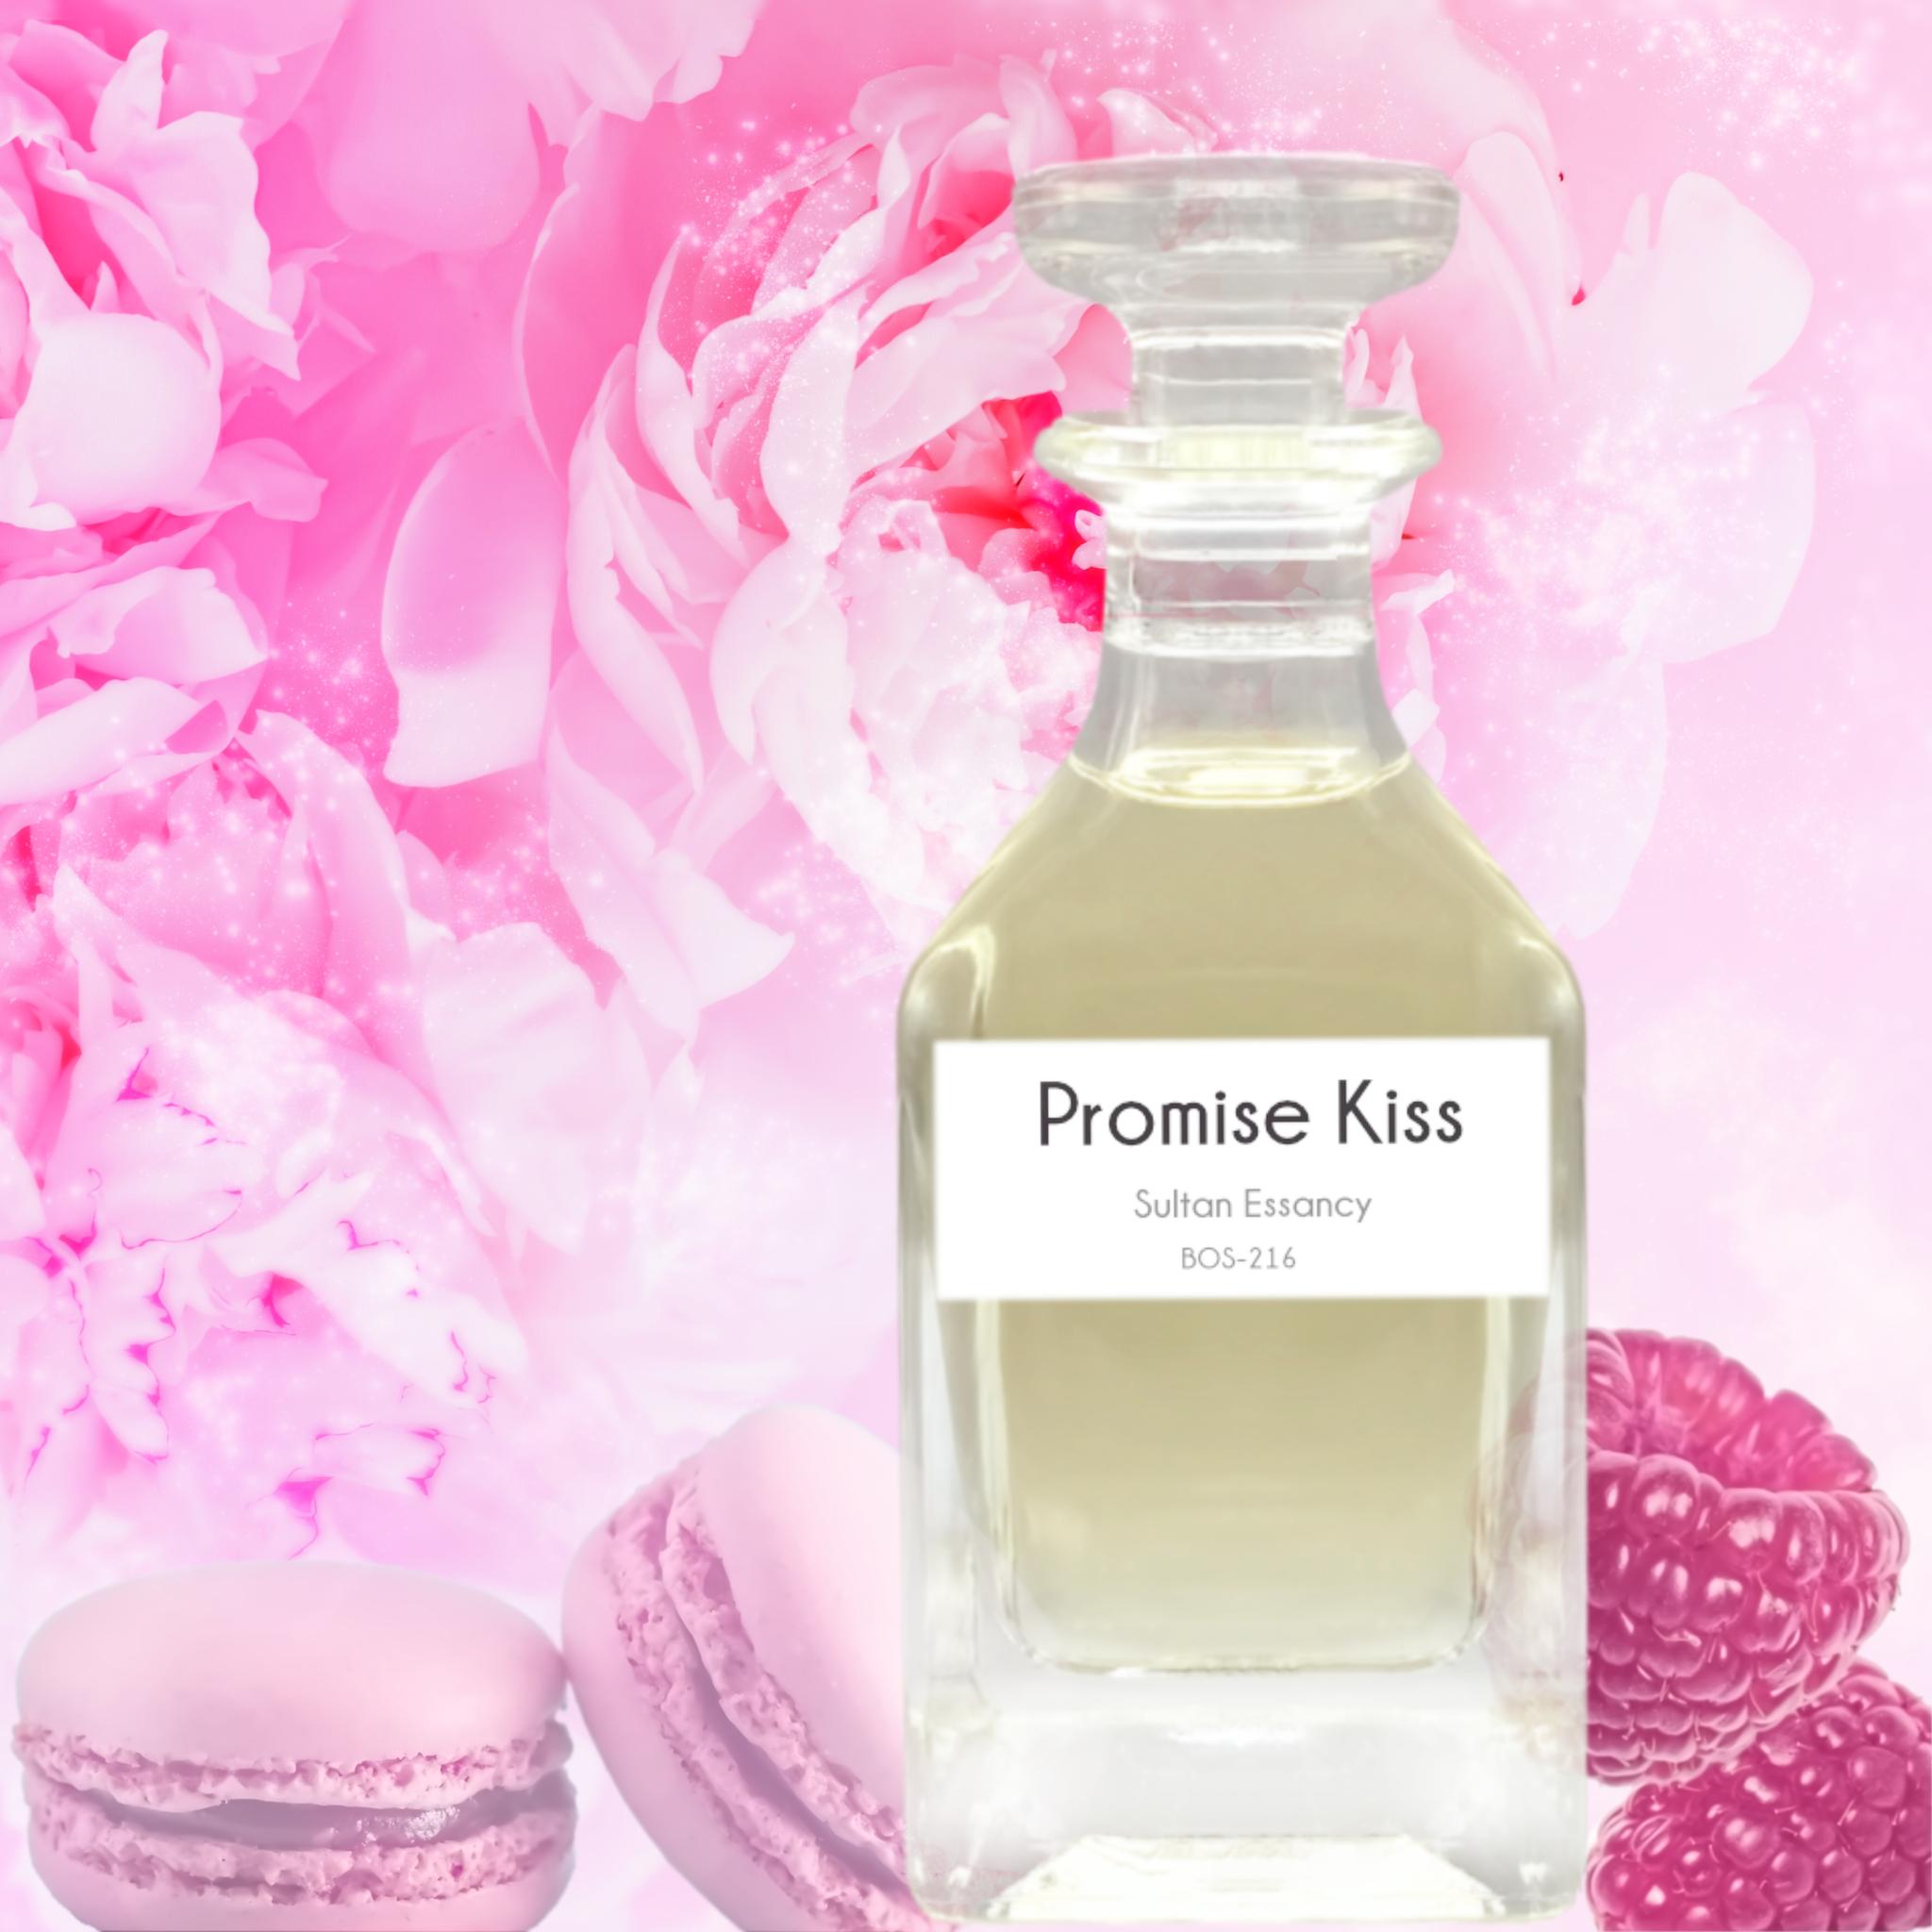 Parfümöl Attar Promise Kiss von Sultan Essancy